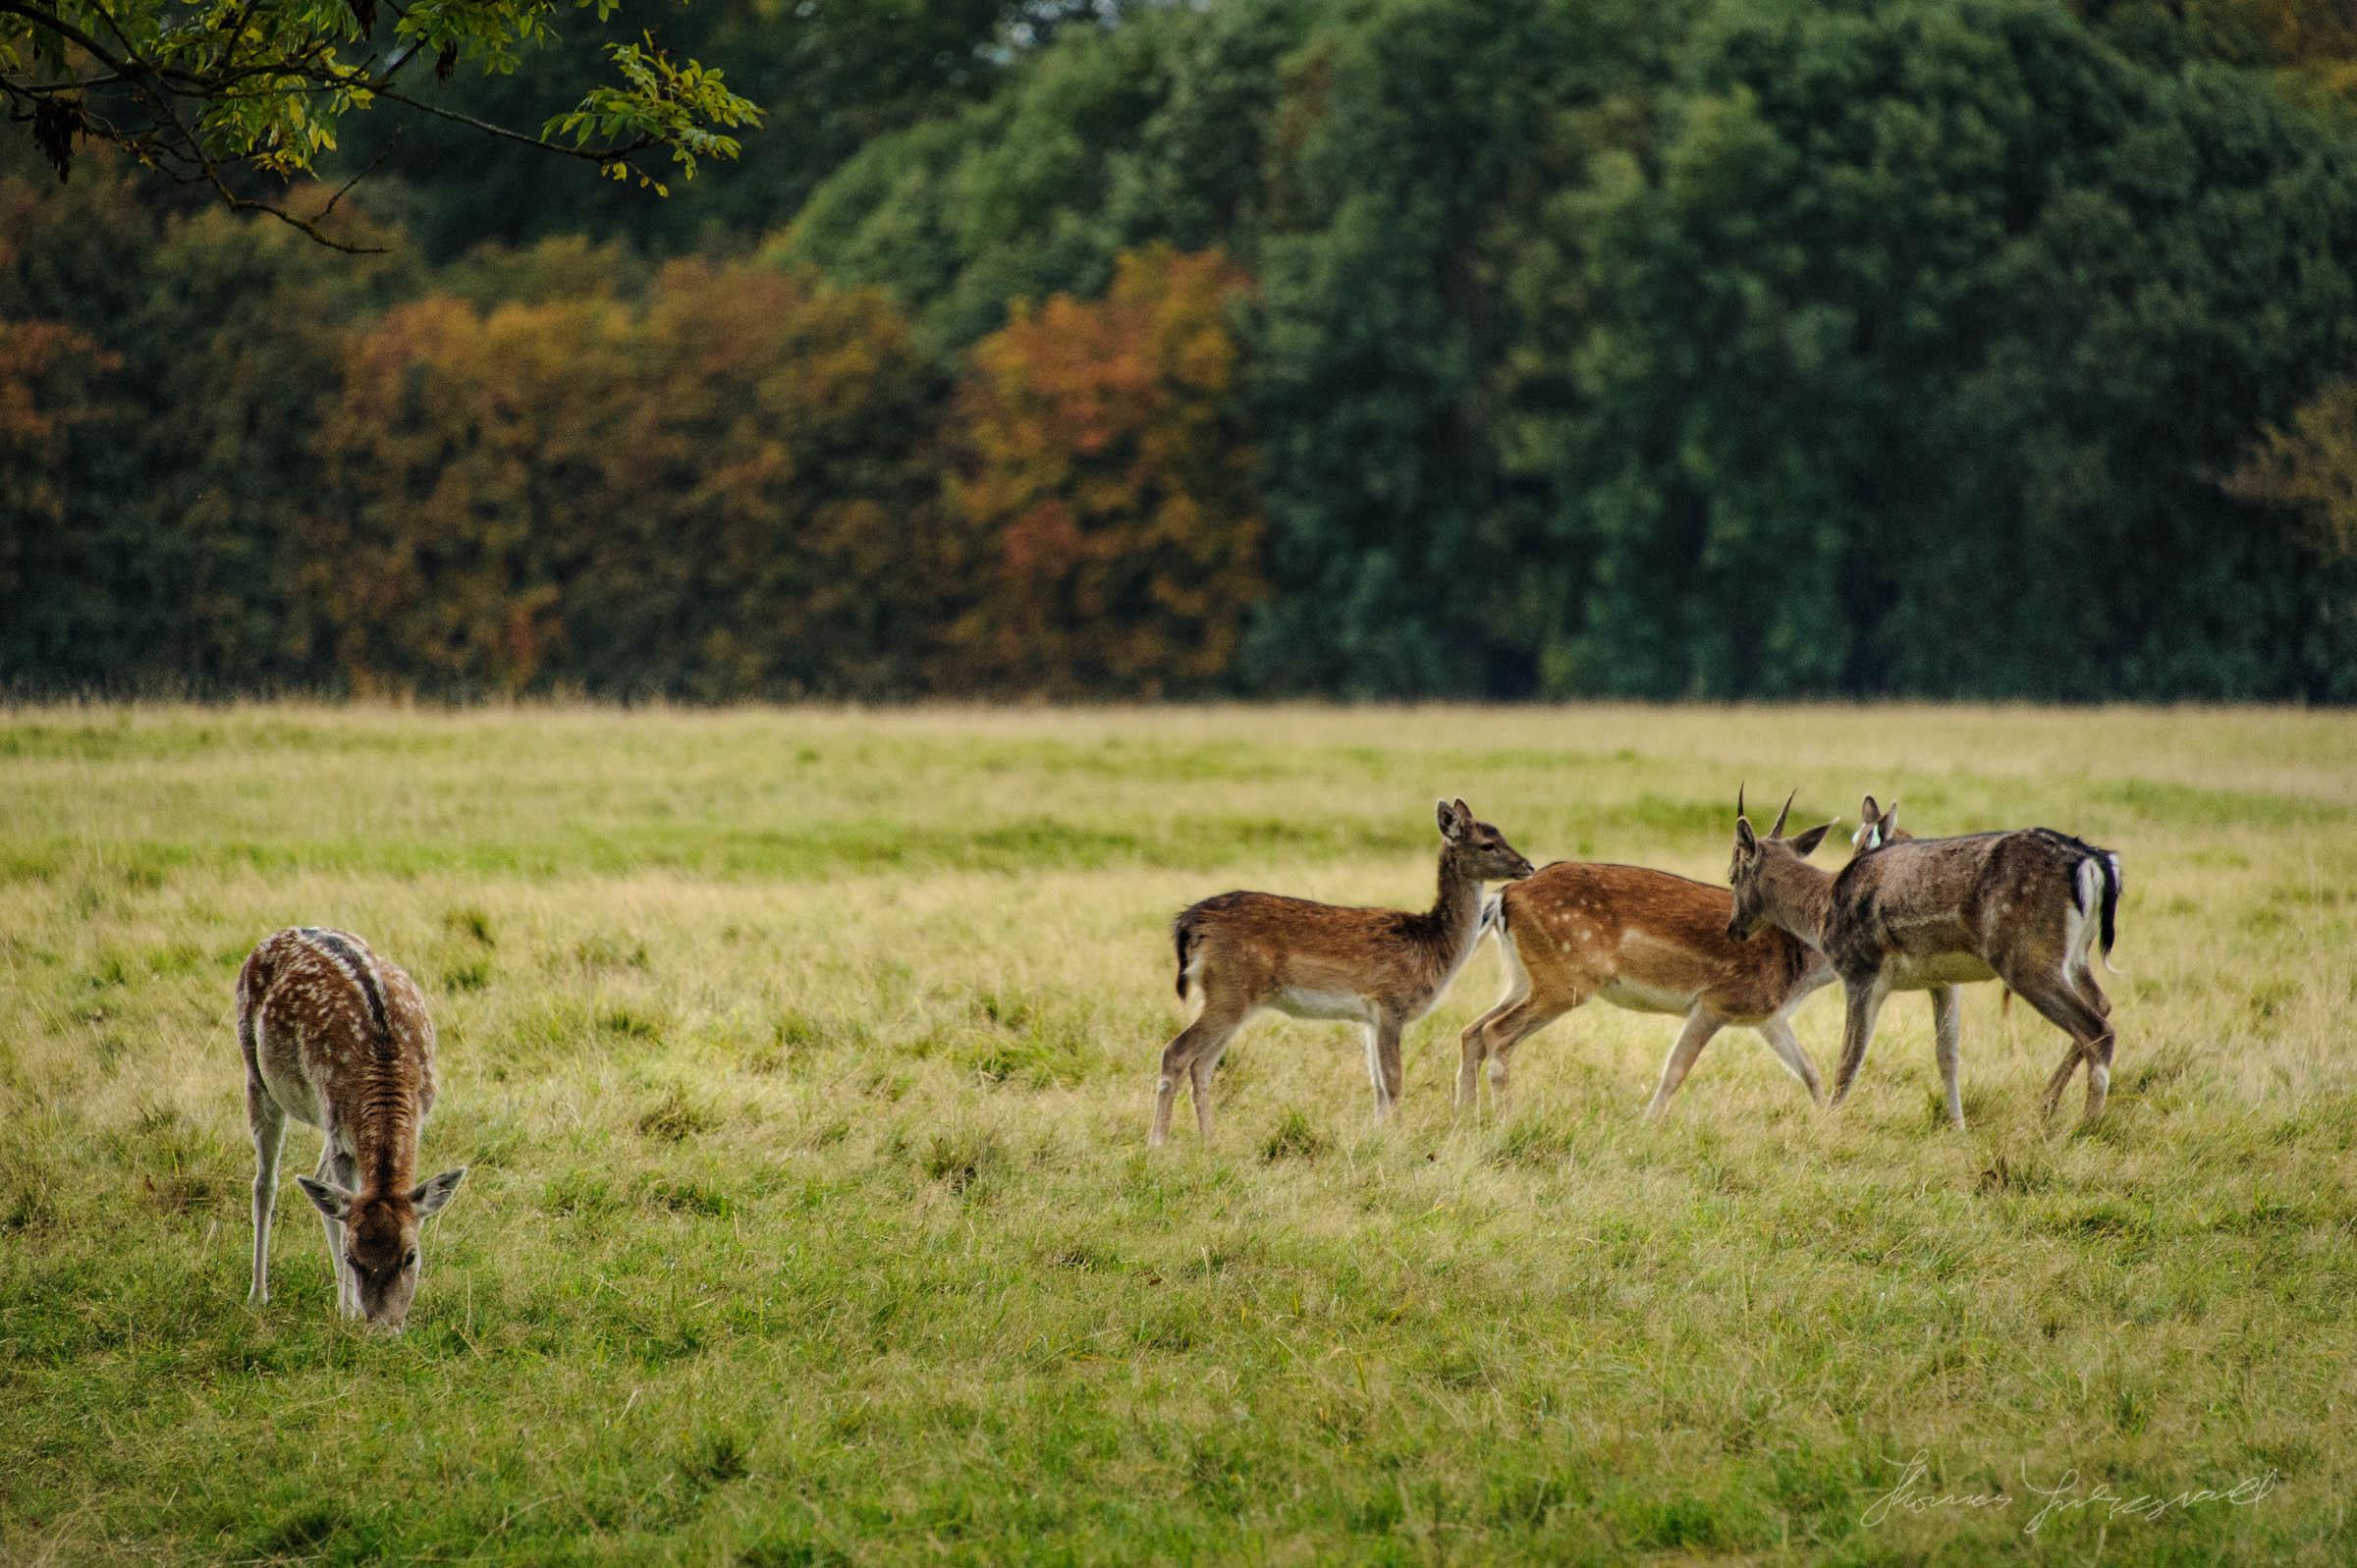 Pheonix-Park-Deer-24.jpg